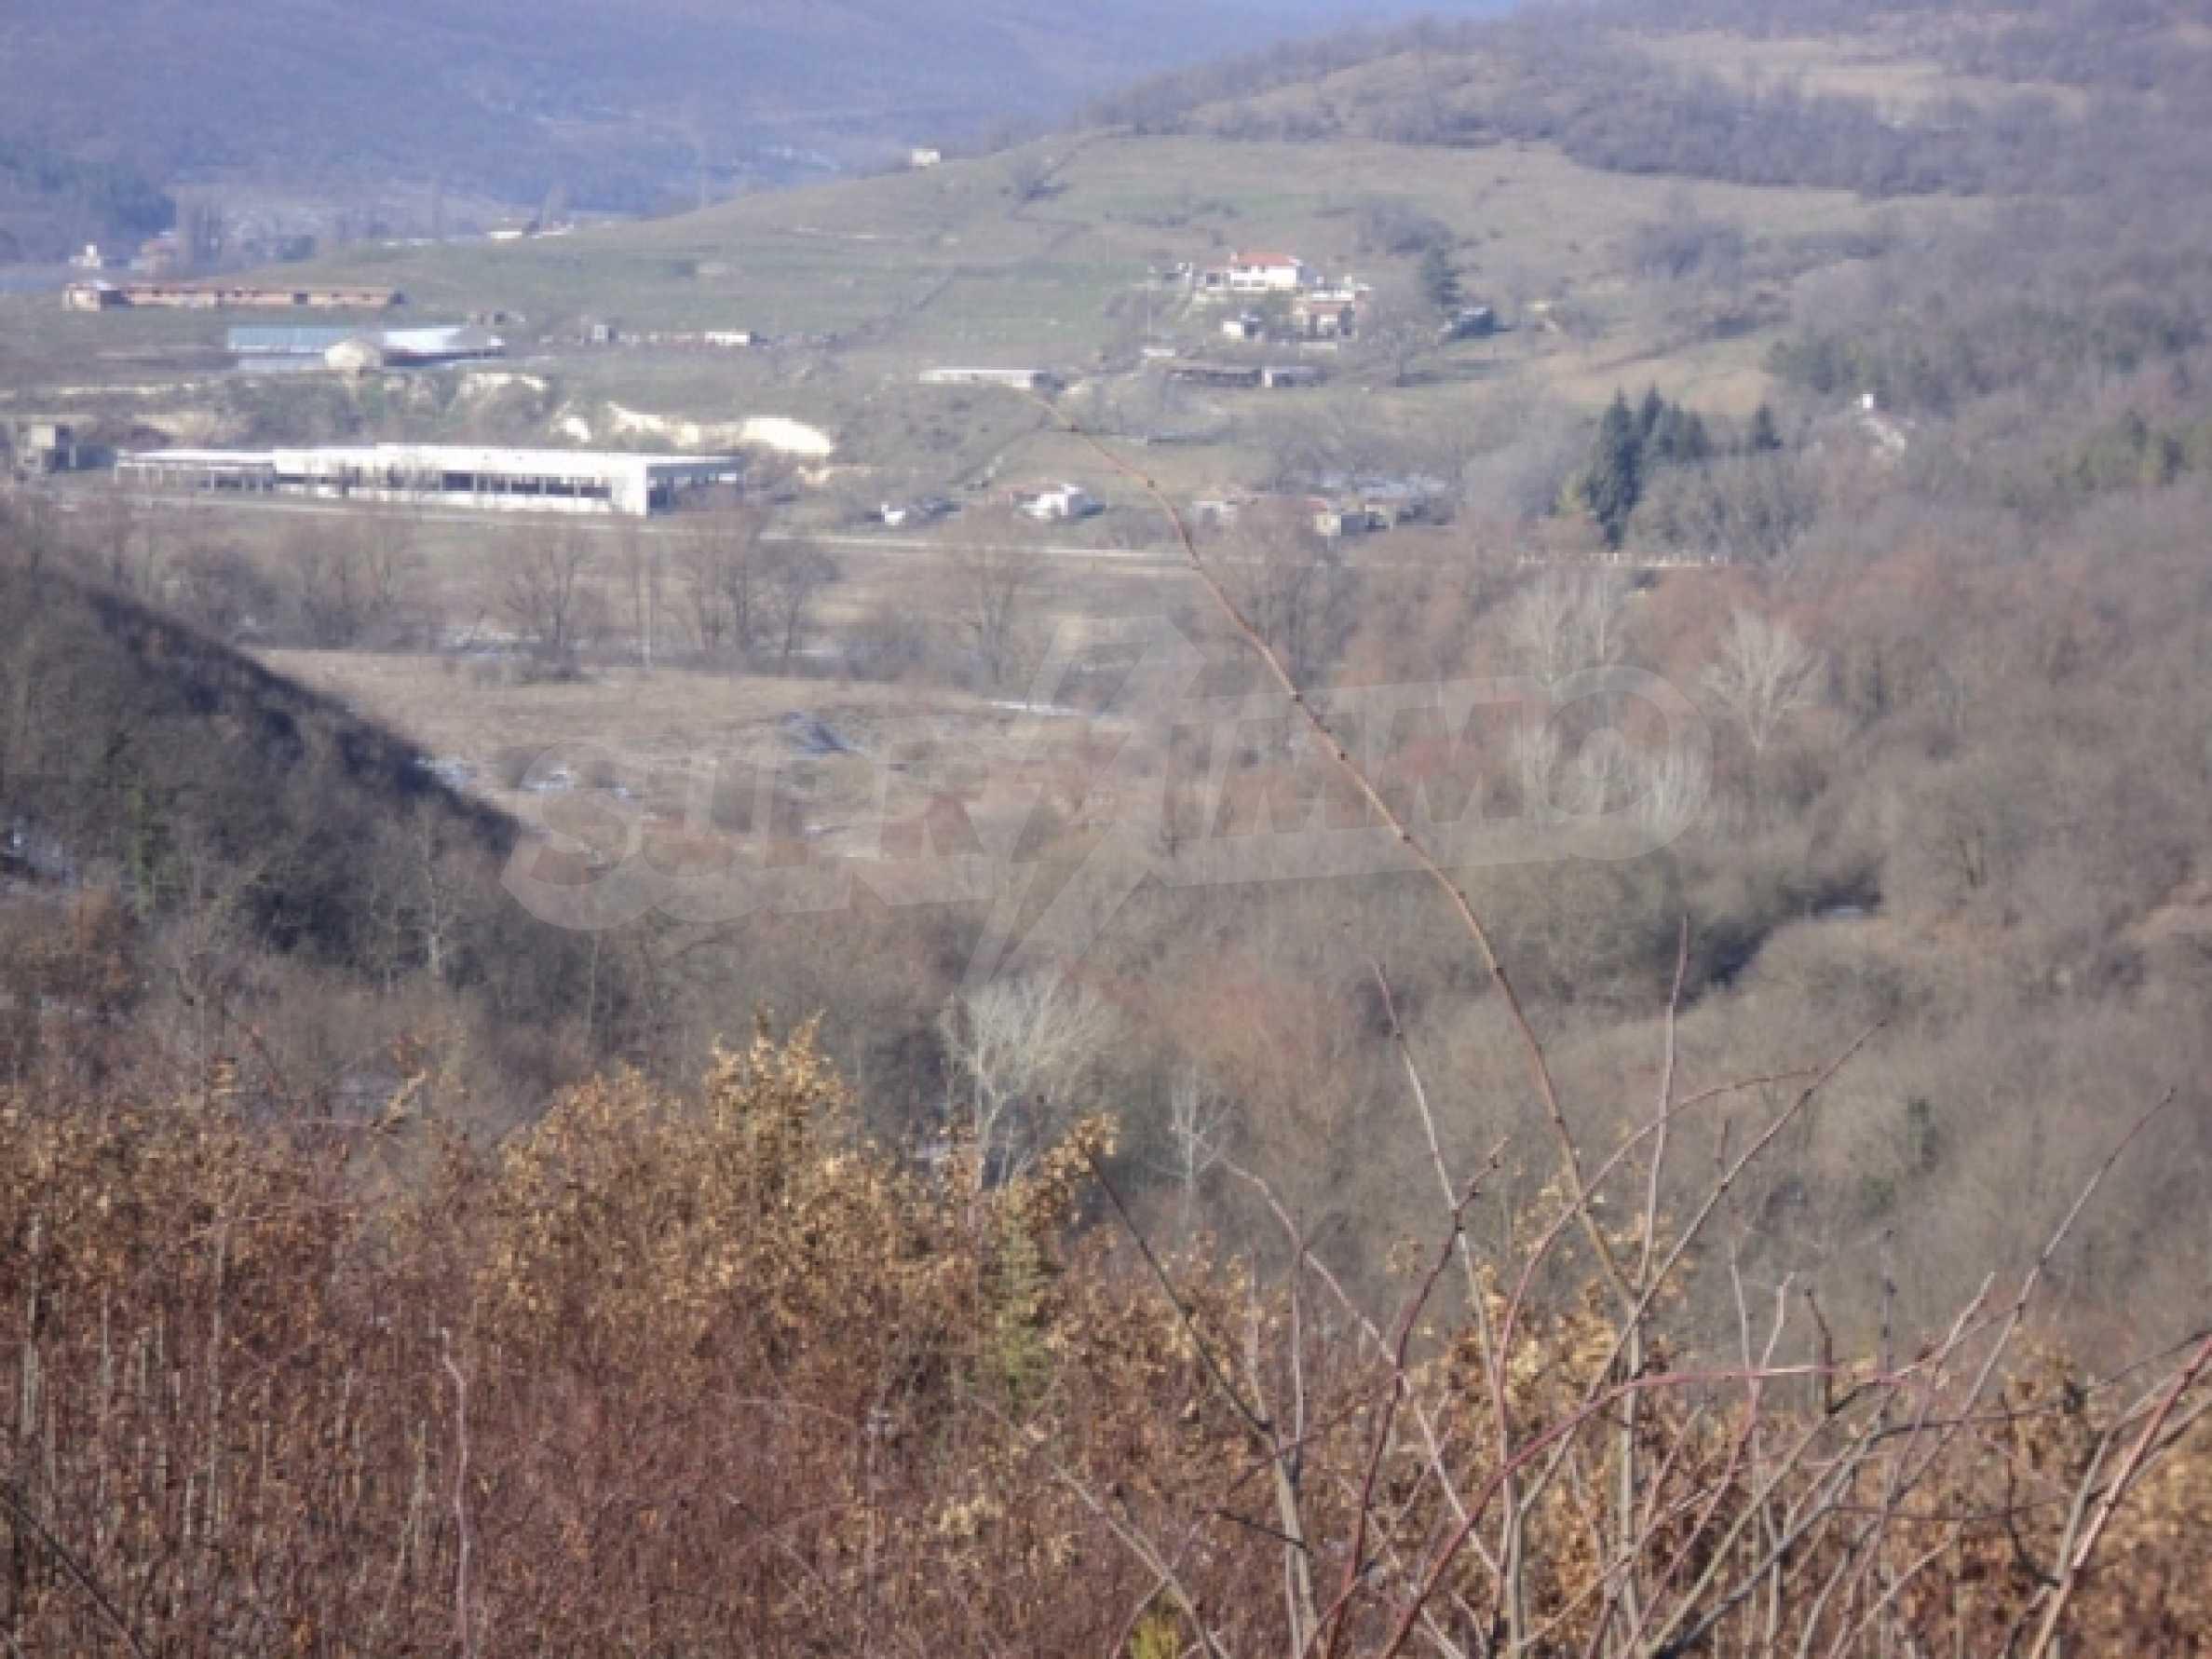 Продается участок площадью 46 500 кв.м. в 12 км от Албены